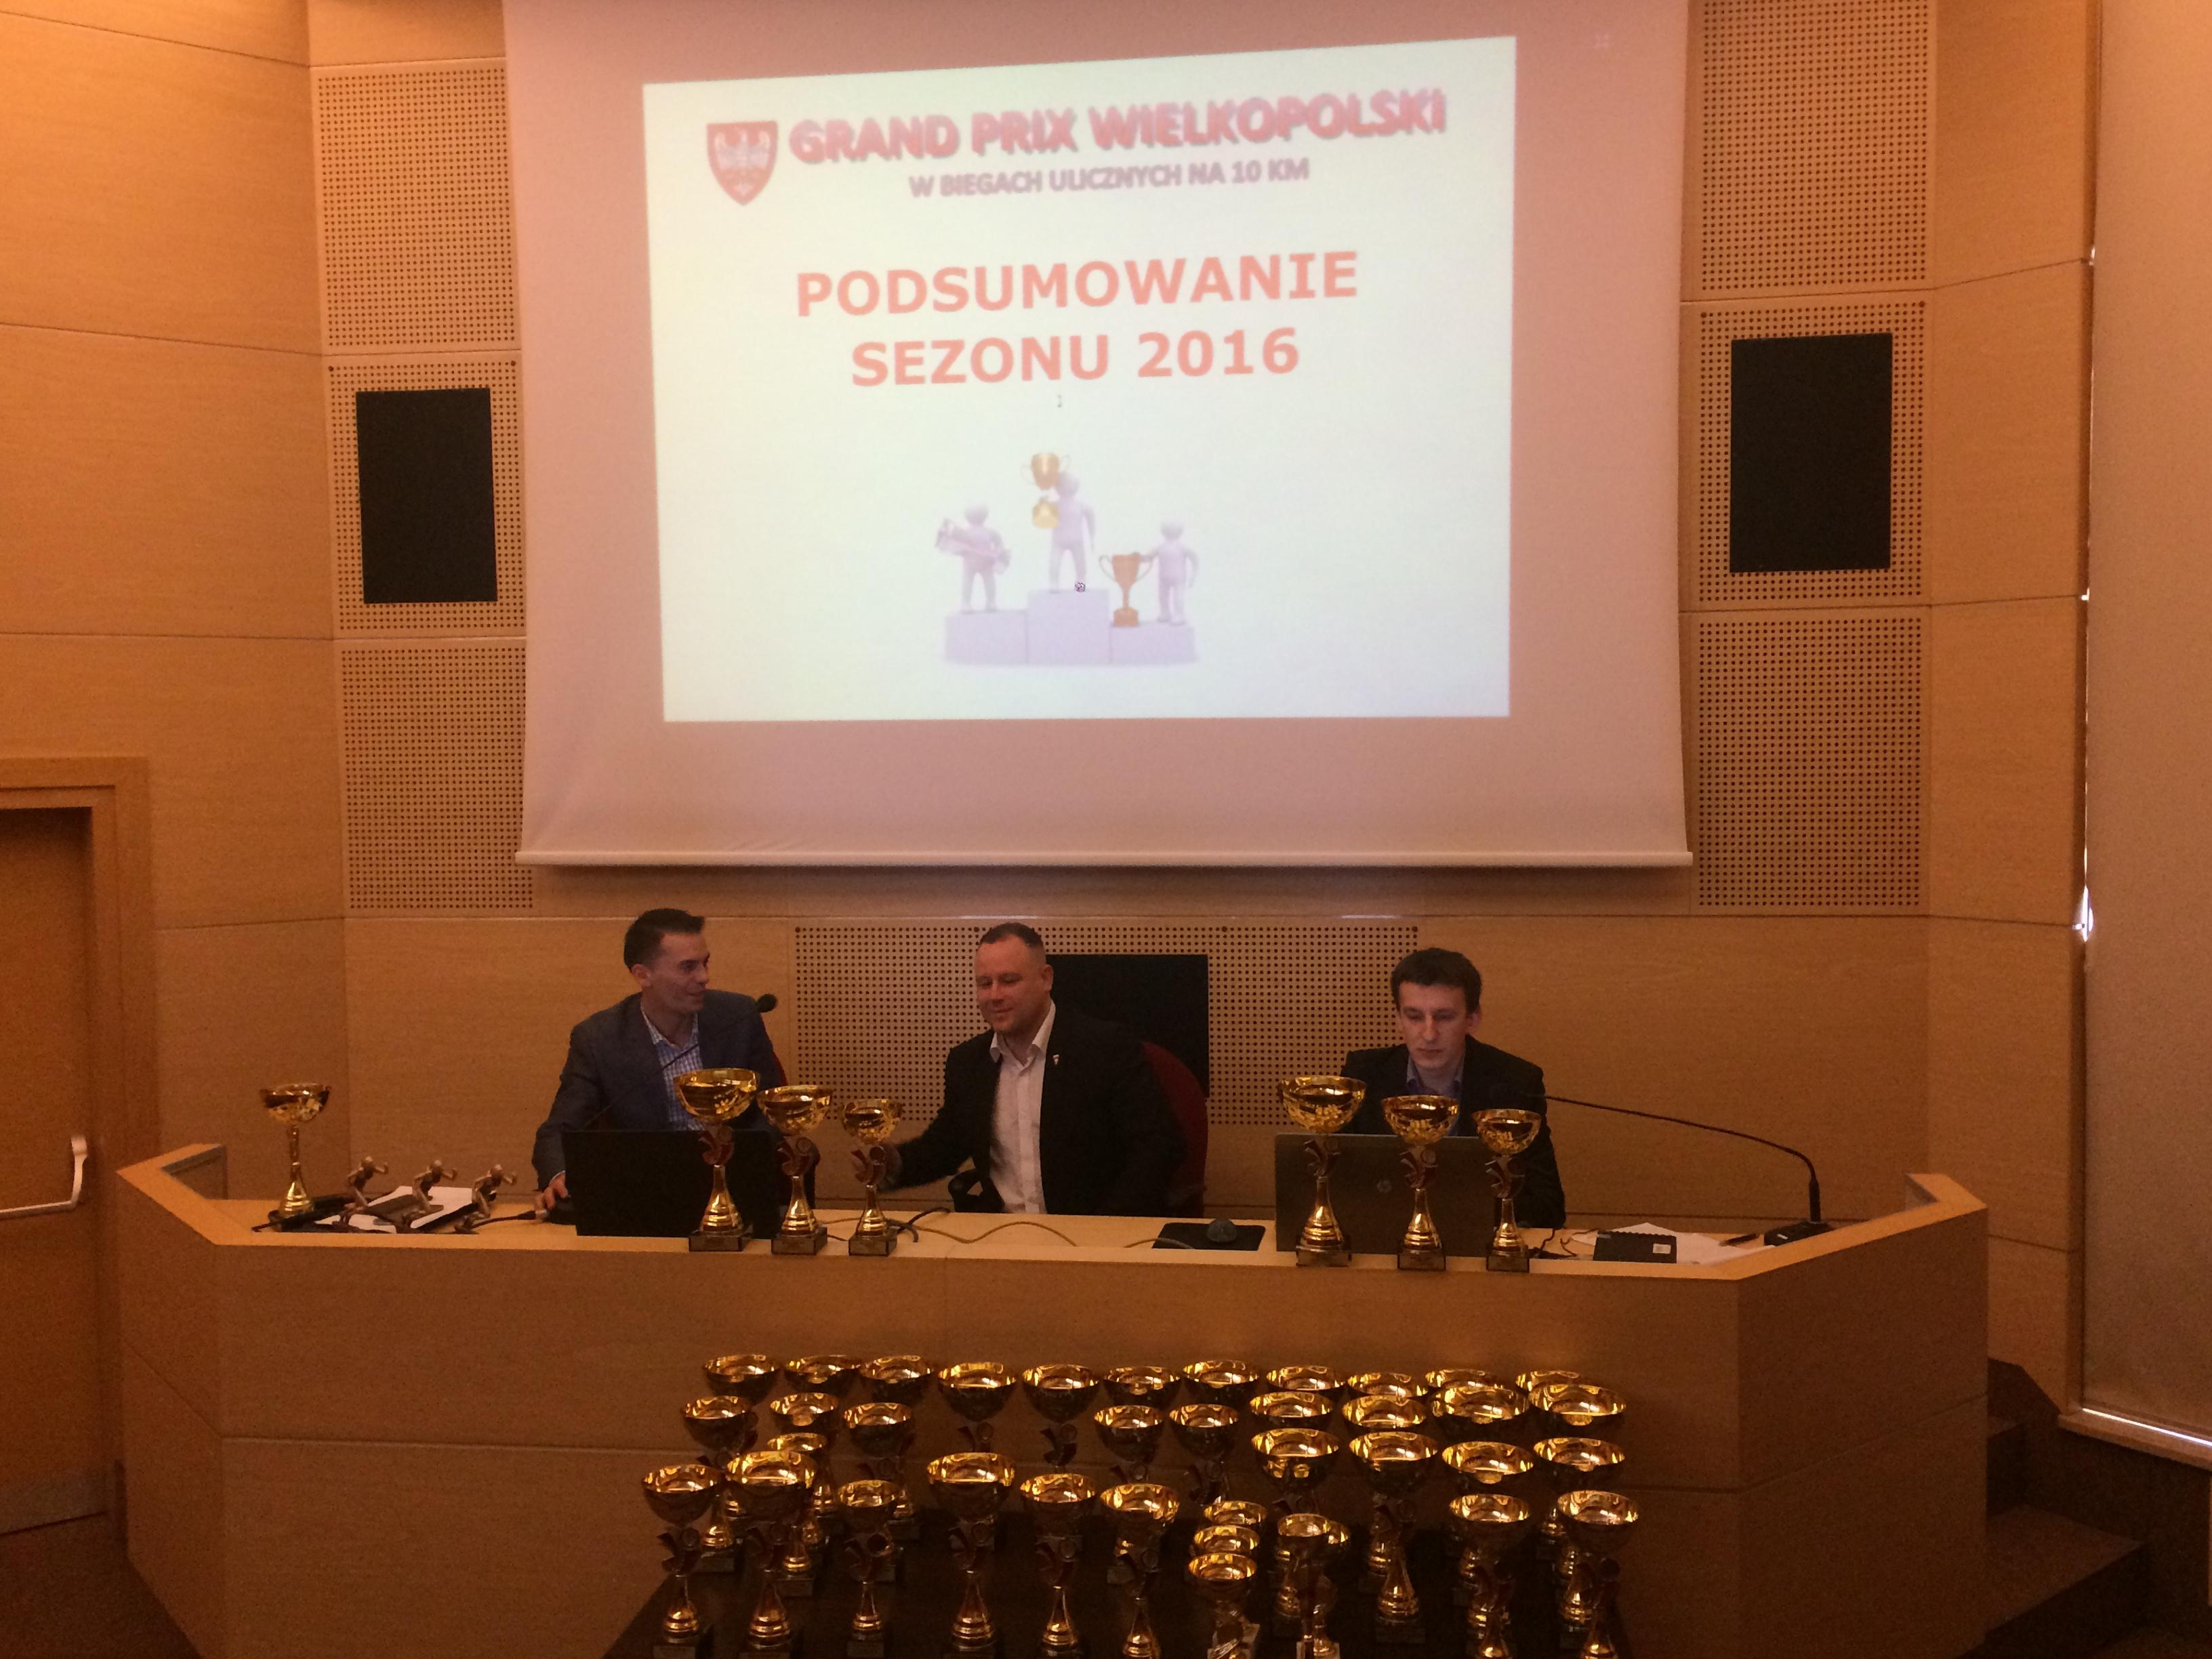 Uroczyste podsumowanie Grand  Prix Wielkopolski w biegach ulicznych na 10 km.